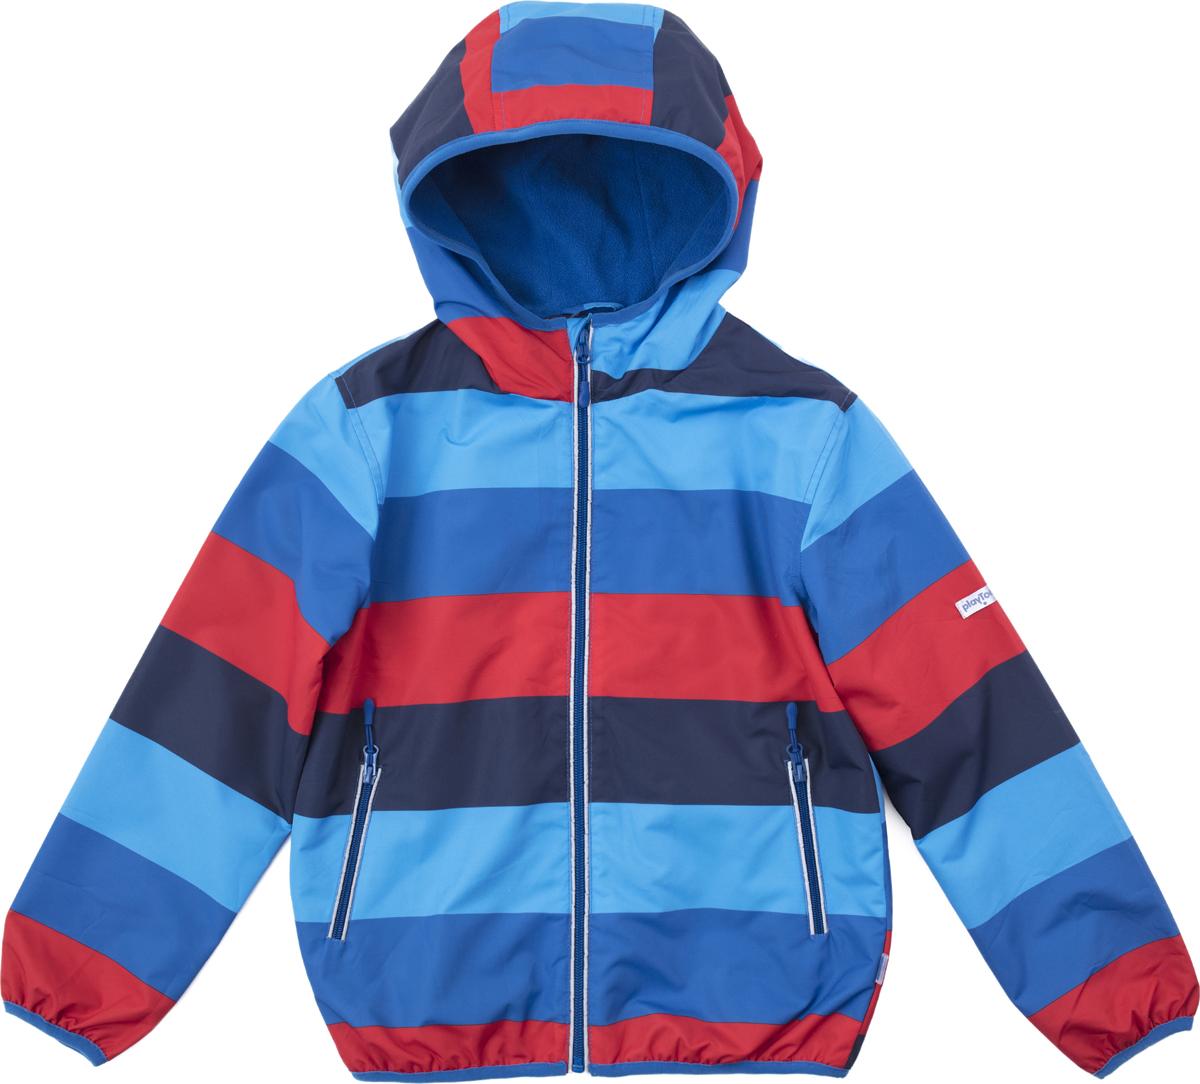 Куртка для мальчика PlayToday, цвет: синий, голубой. 181003. Размер 146/152181003Куртка выполнена из водонепроиницаемой ткани. Встрочной капюшон по контуру дополнен мягкой резинкой. Модель на молнии. Специальный карман для фиксации бегунка не позволит застежке травмировать нежную детскую кожу. Подкладка из флиса. Встрочные карманы на молнии. Окантовка манжет и низа изделия на мягкой резинке. Светоотражатель обеспечит безопасность ребенка в темное время суток.